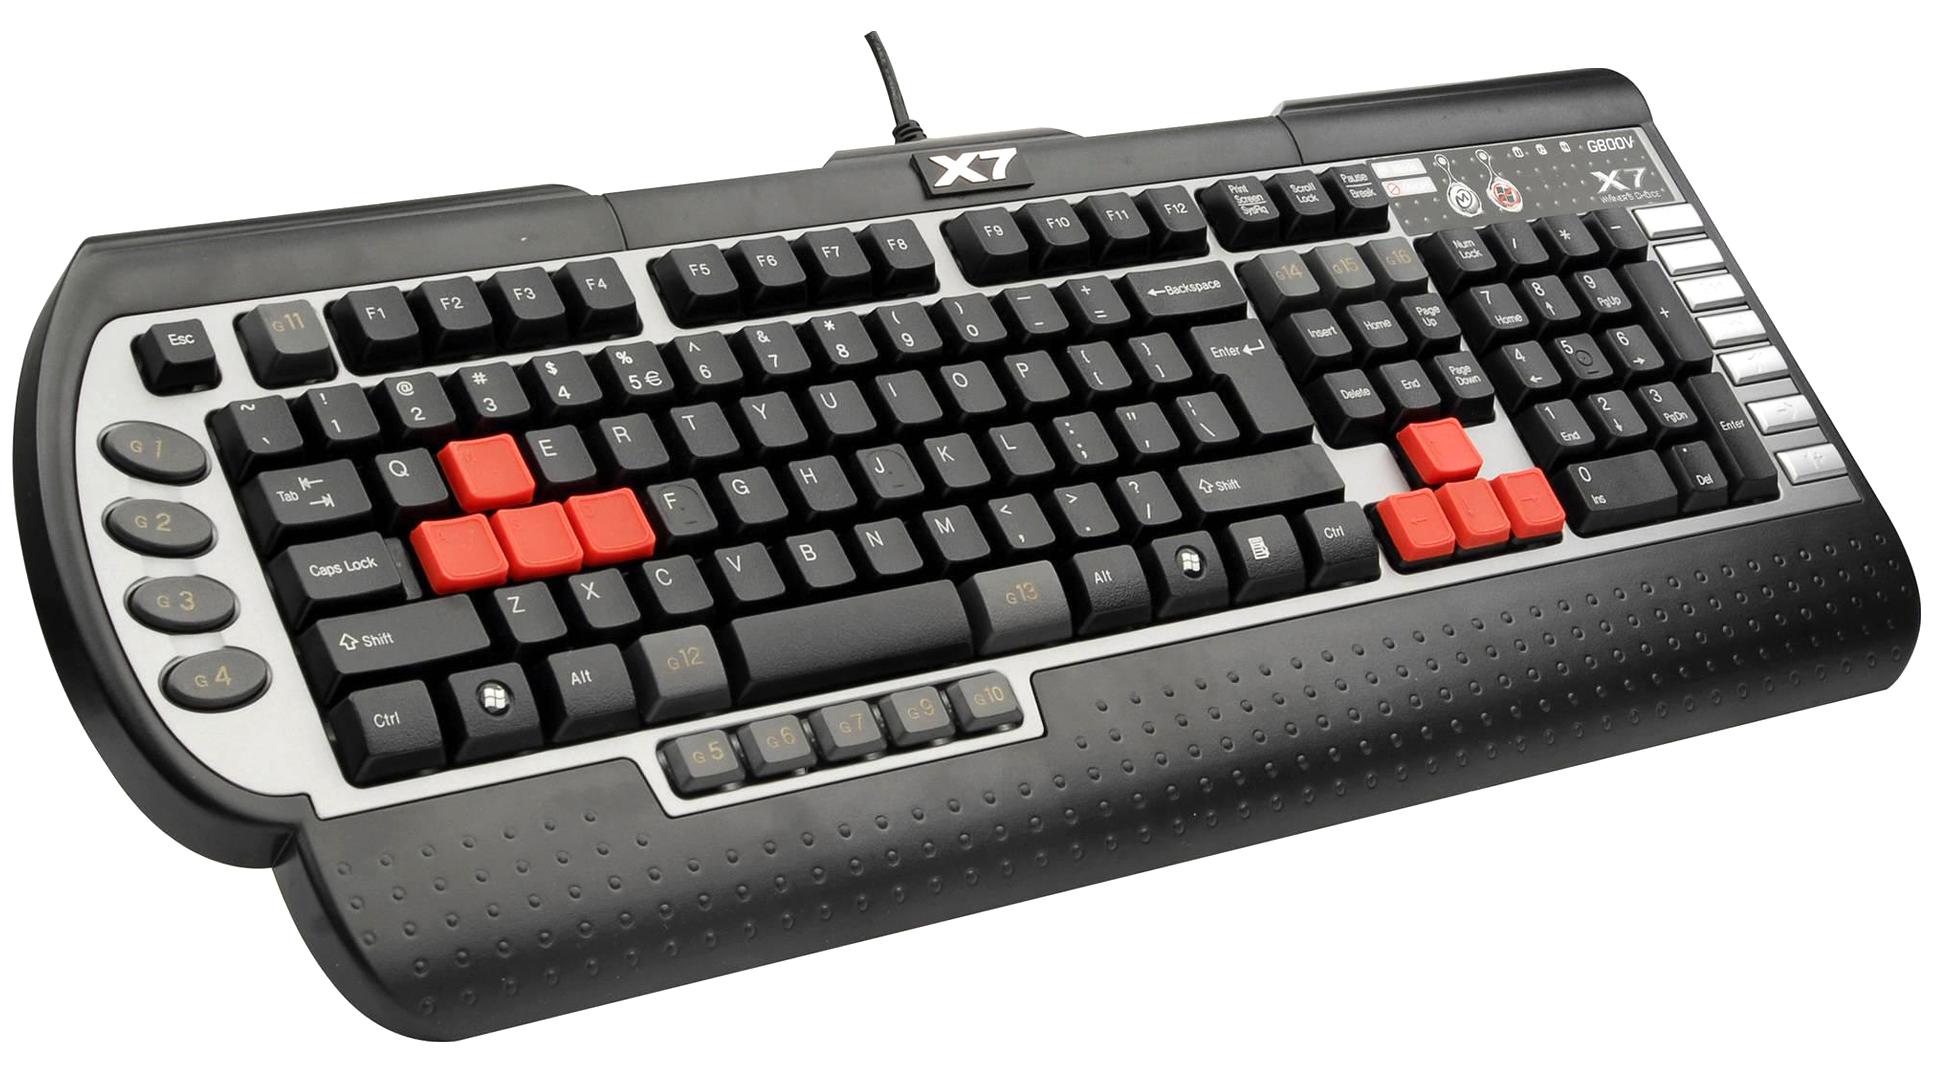 Download Keyboard Transparent Image HQ PNG Image | FreePNGImg